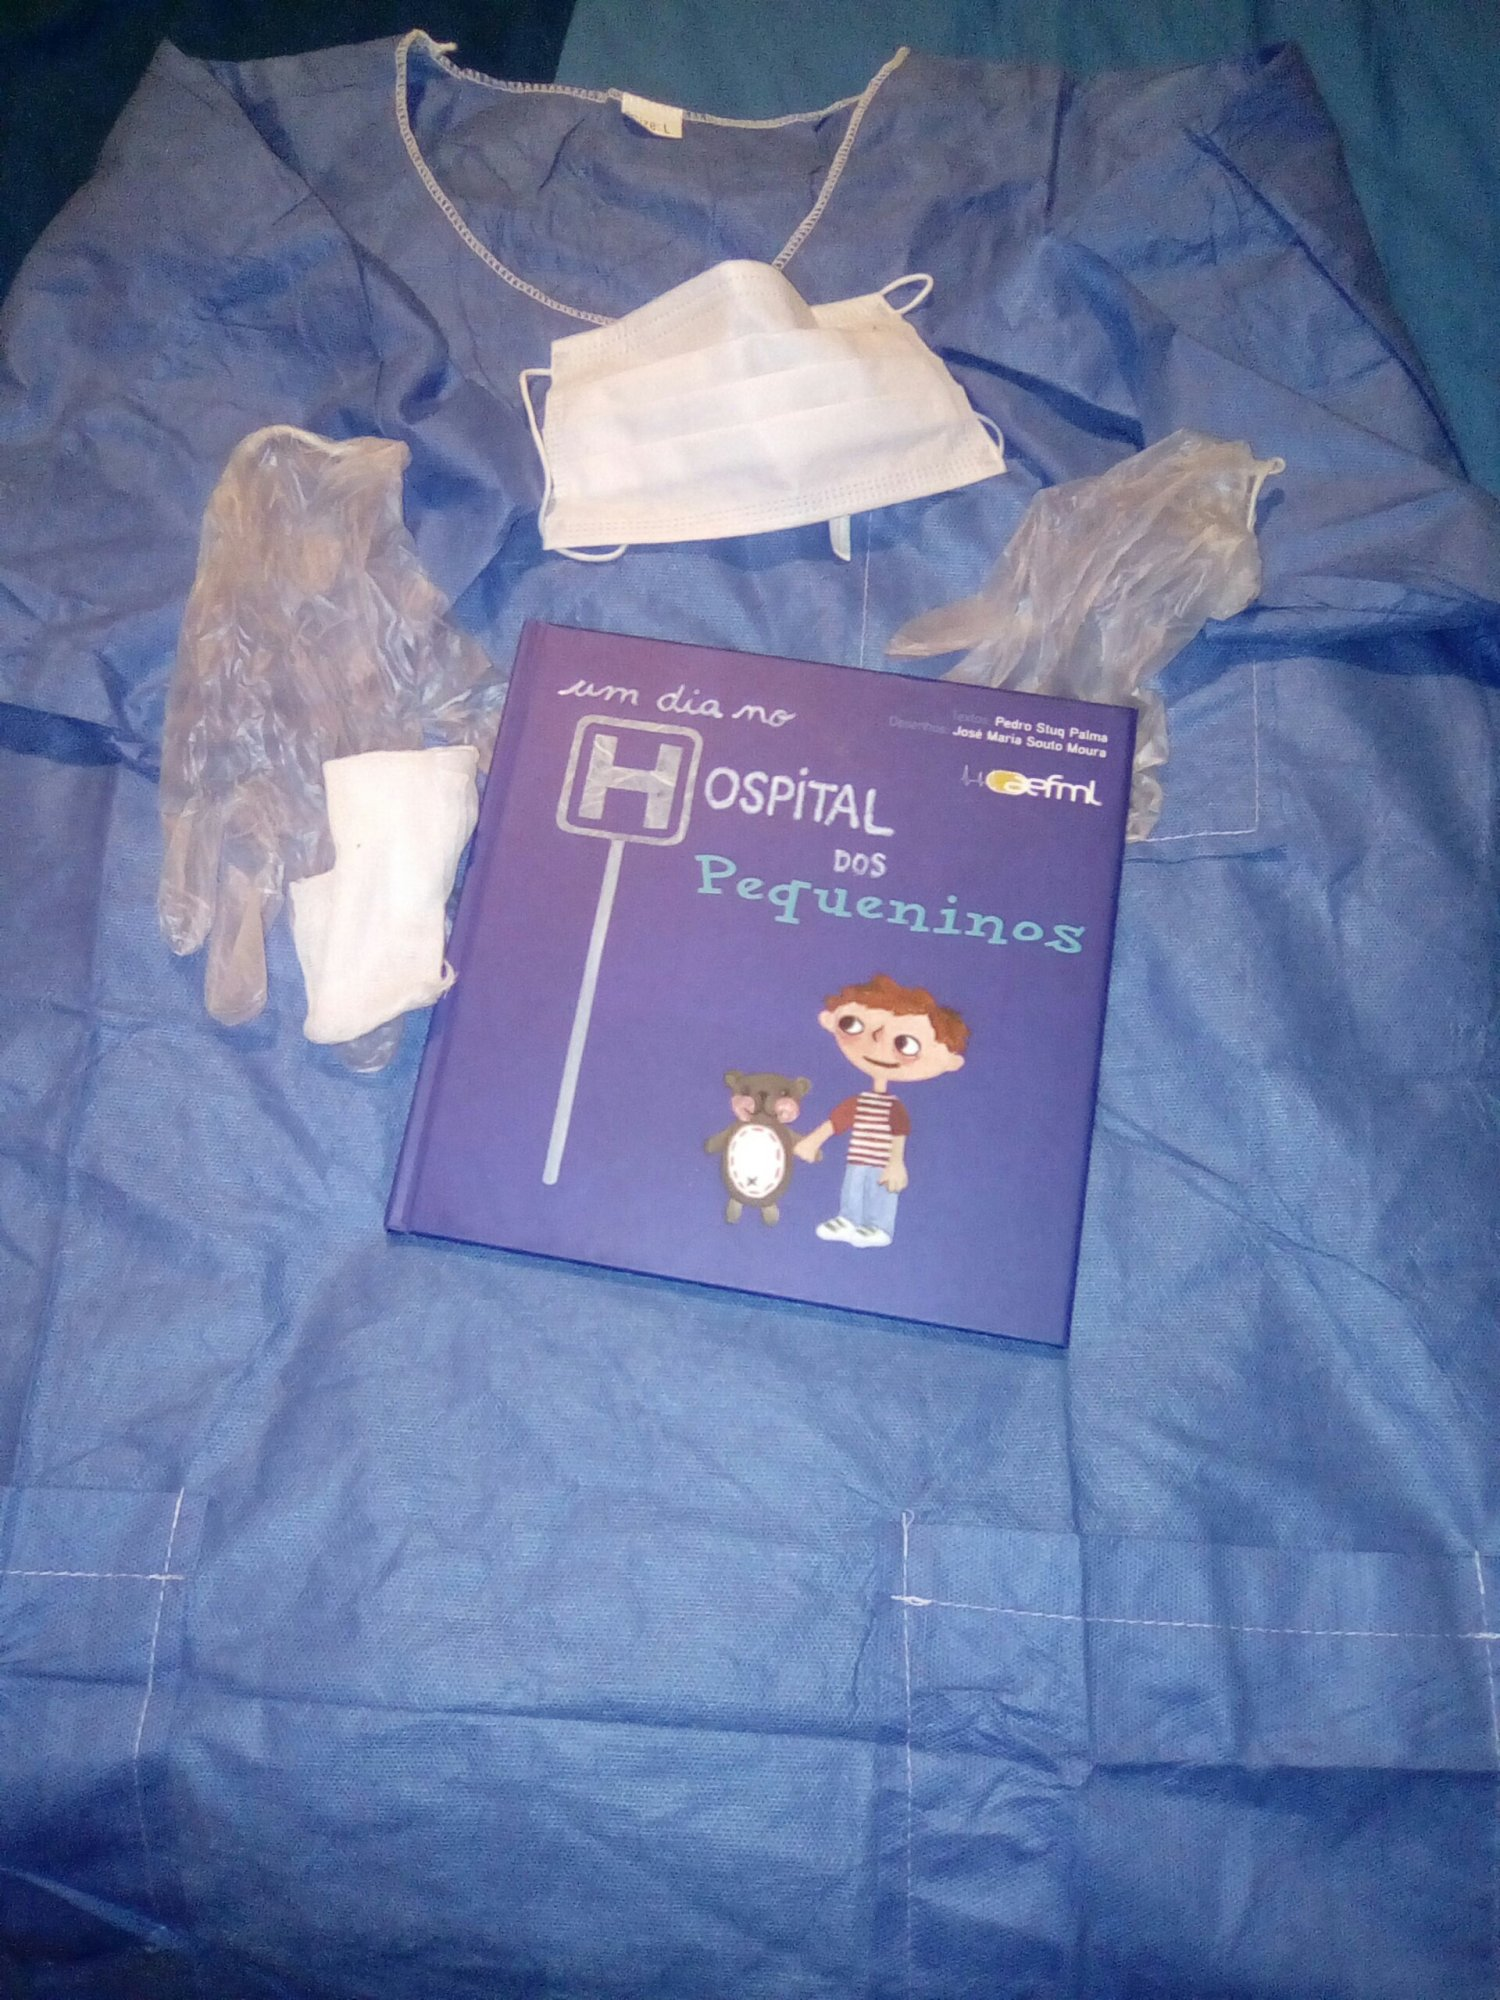 Hospital dos pequeninos